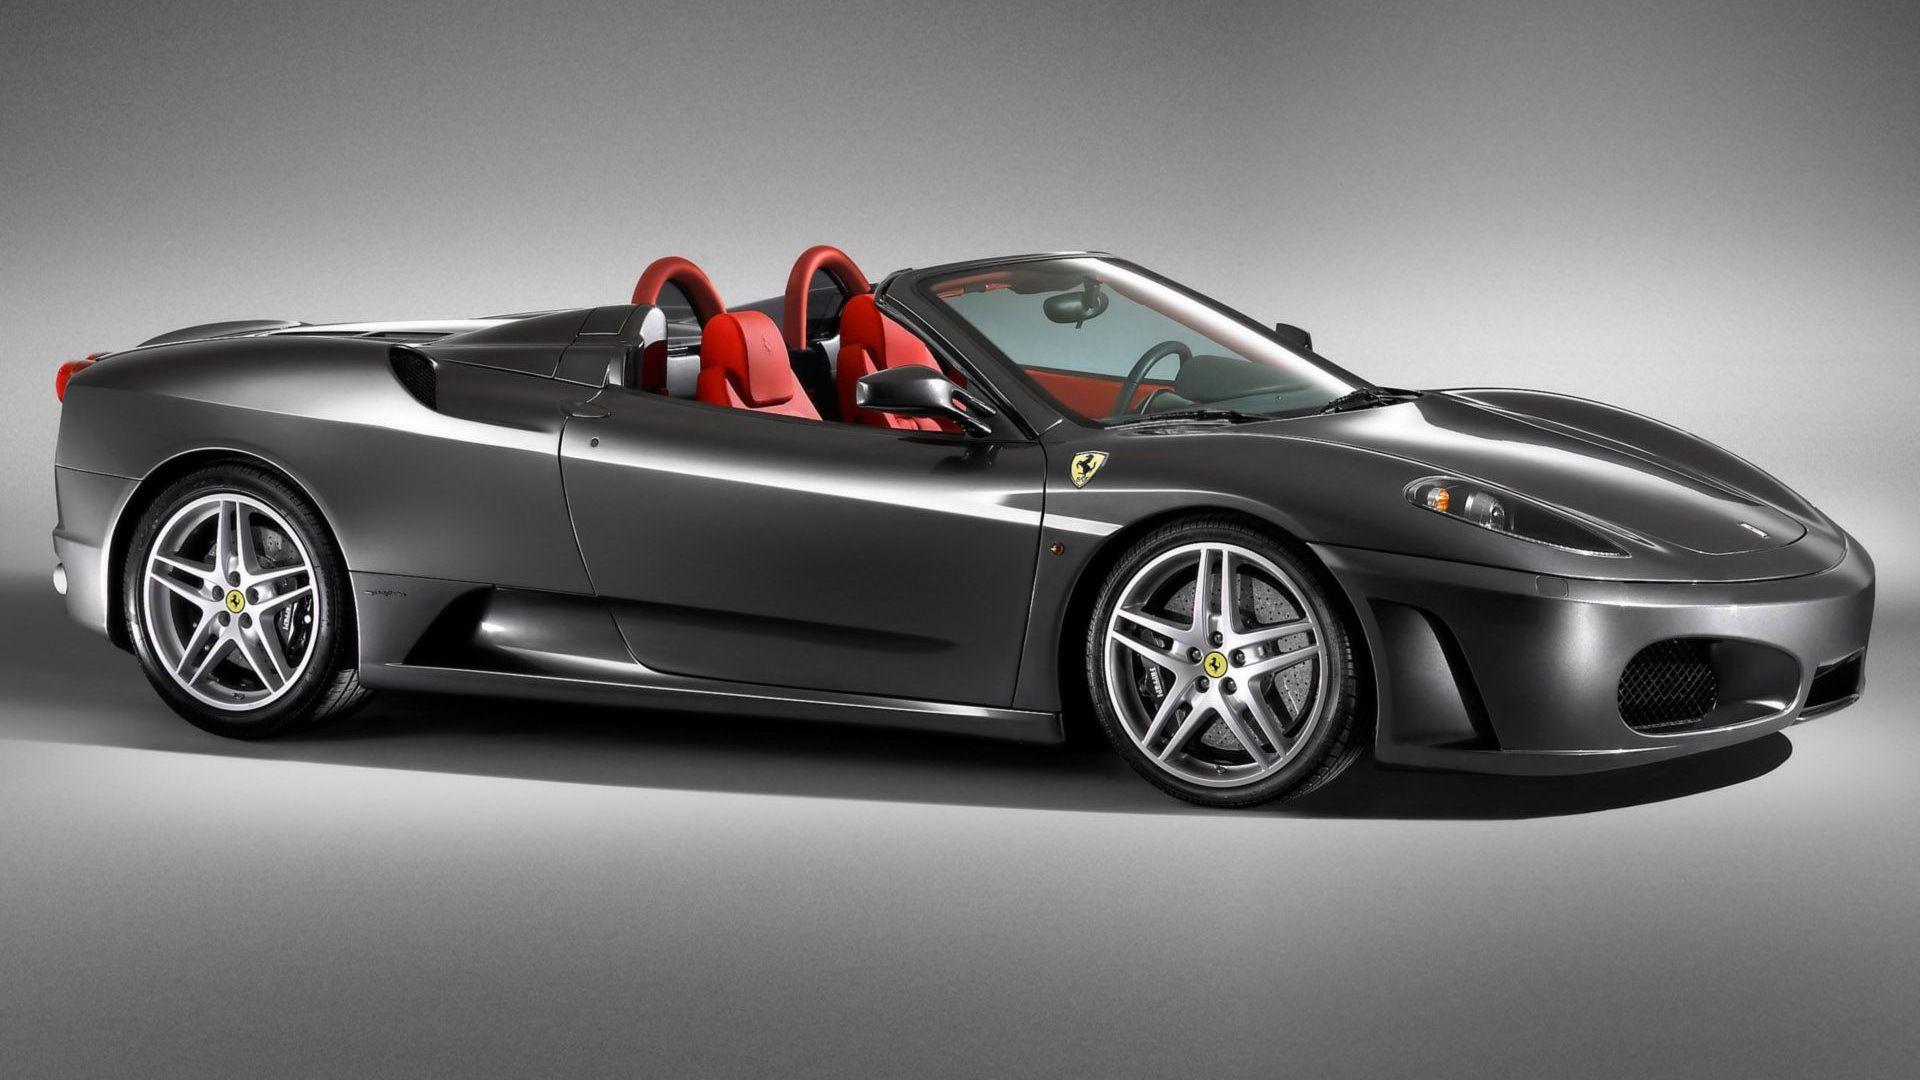 Best Luxury Car Under 50k 2016 10 Best Luxury Cars Under 50k